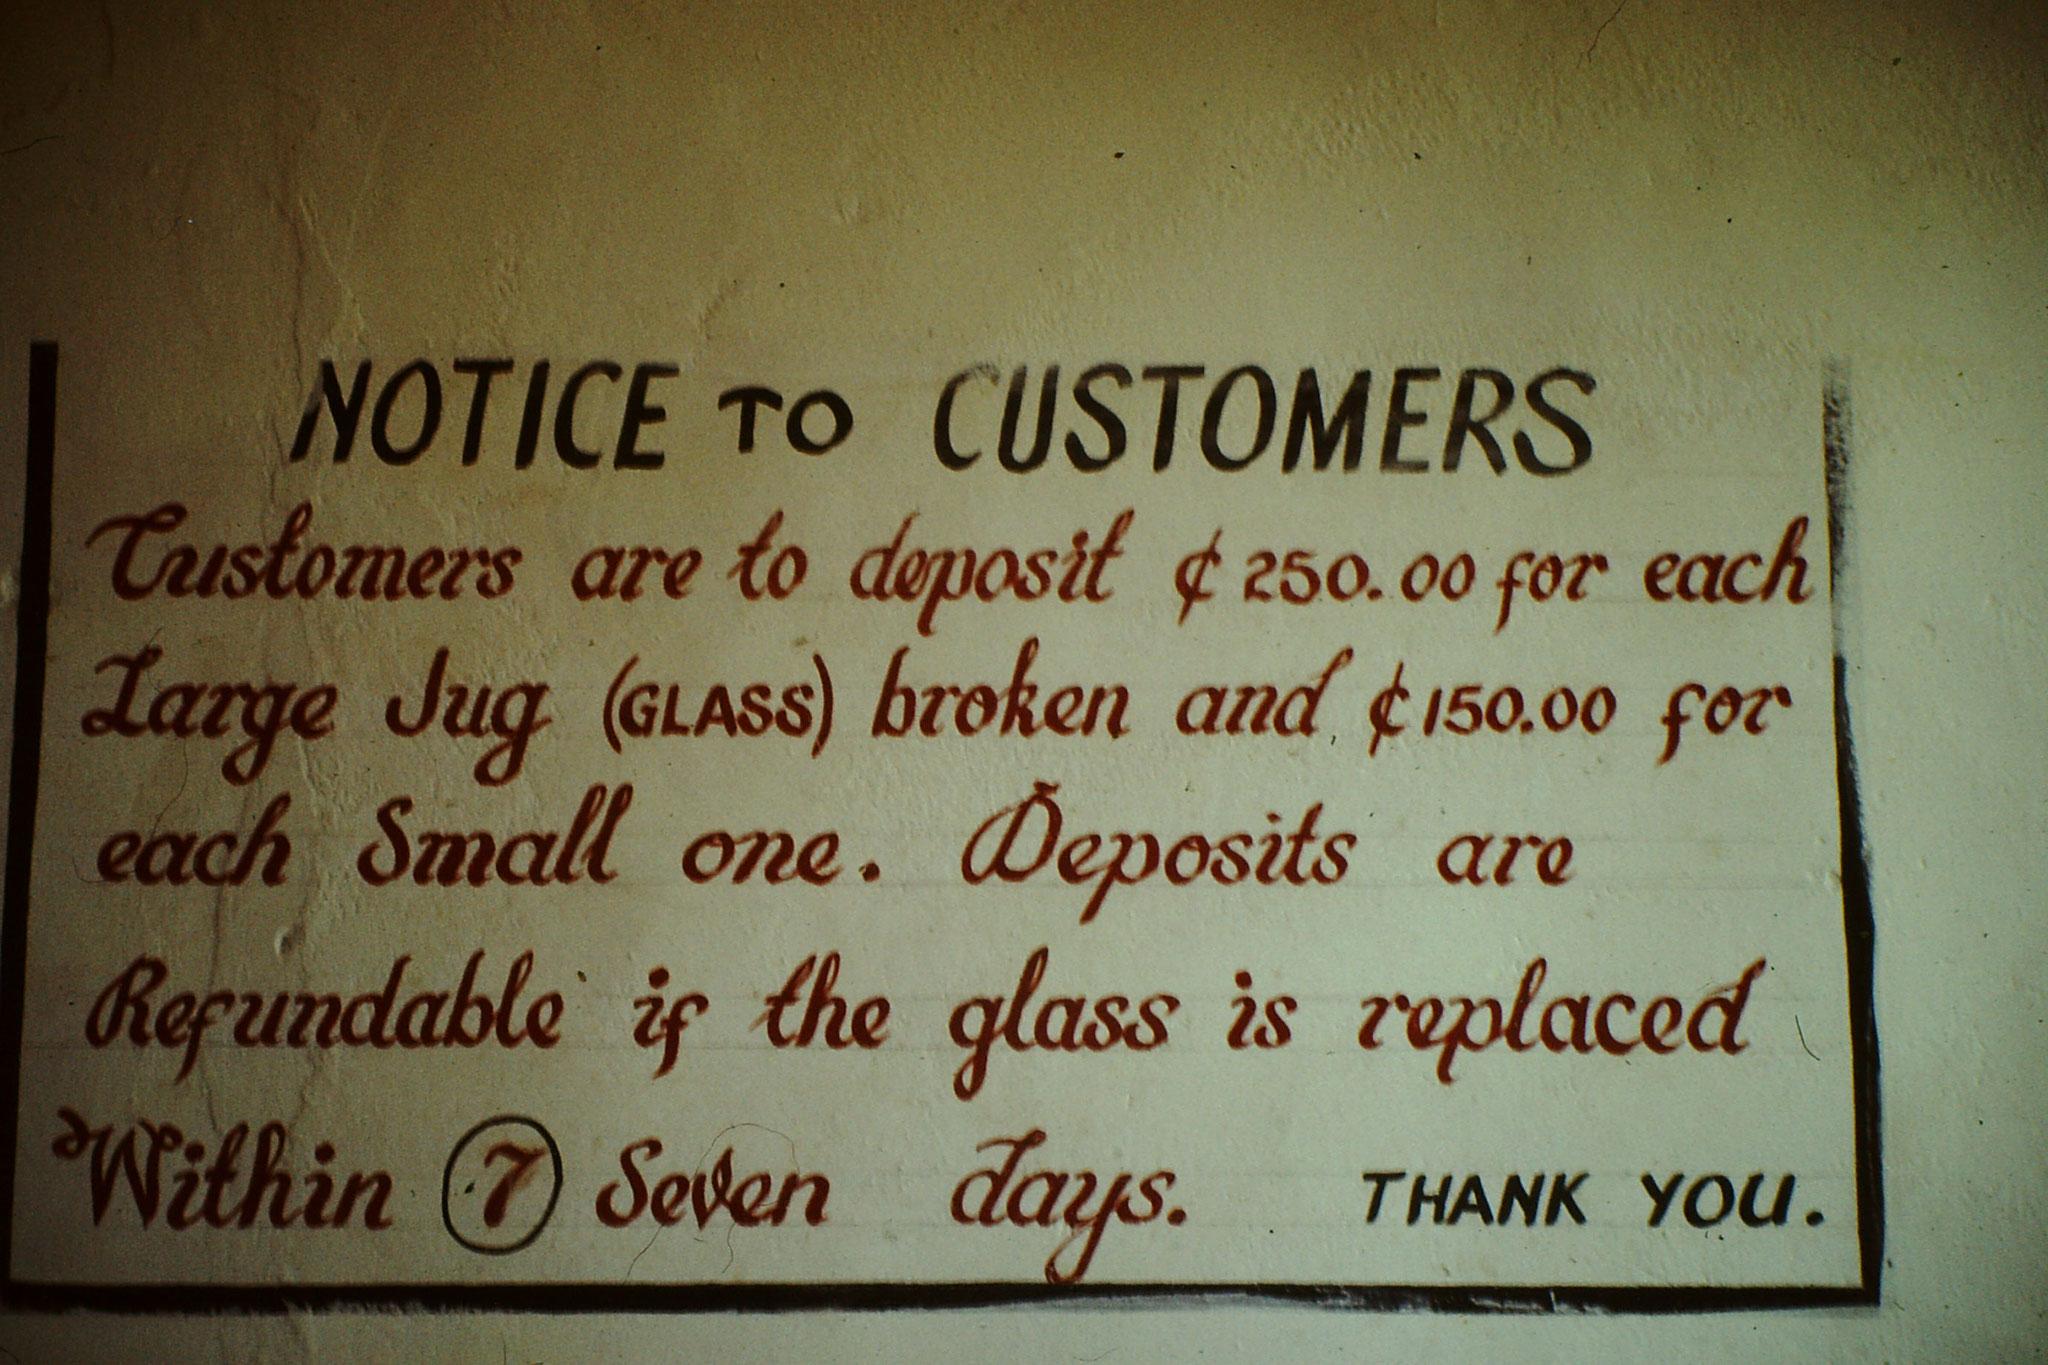 Dieses Schild in einem Guesthouse in der nähe der Schweizer Botschaft in Accra besagt, dass man für jedes zerbrochene grosse Glas 250 und für das kleine 150 Cedy bezahlen müsse. Das Geld bekommt man retour wenn man innerhalb 7 Tagen ein ebenbürtiges G